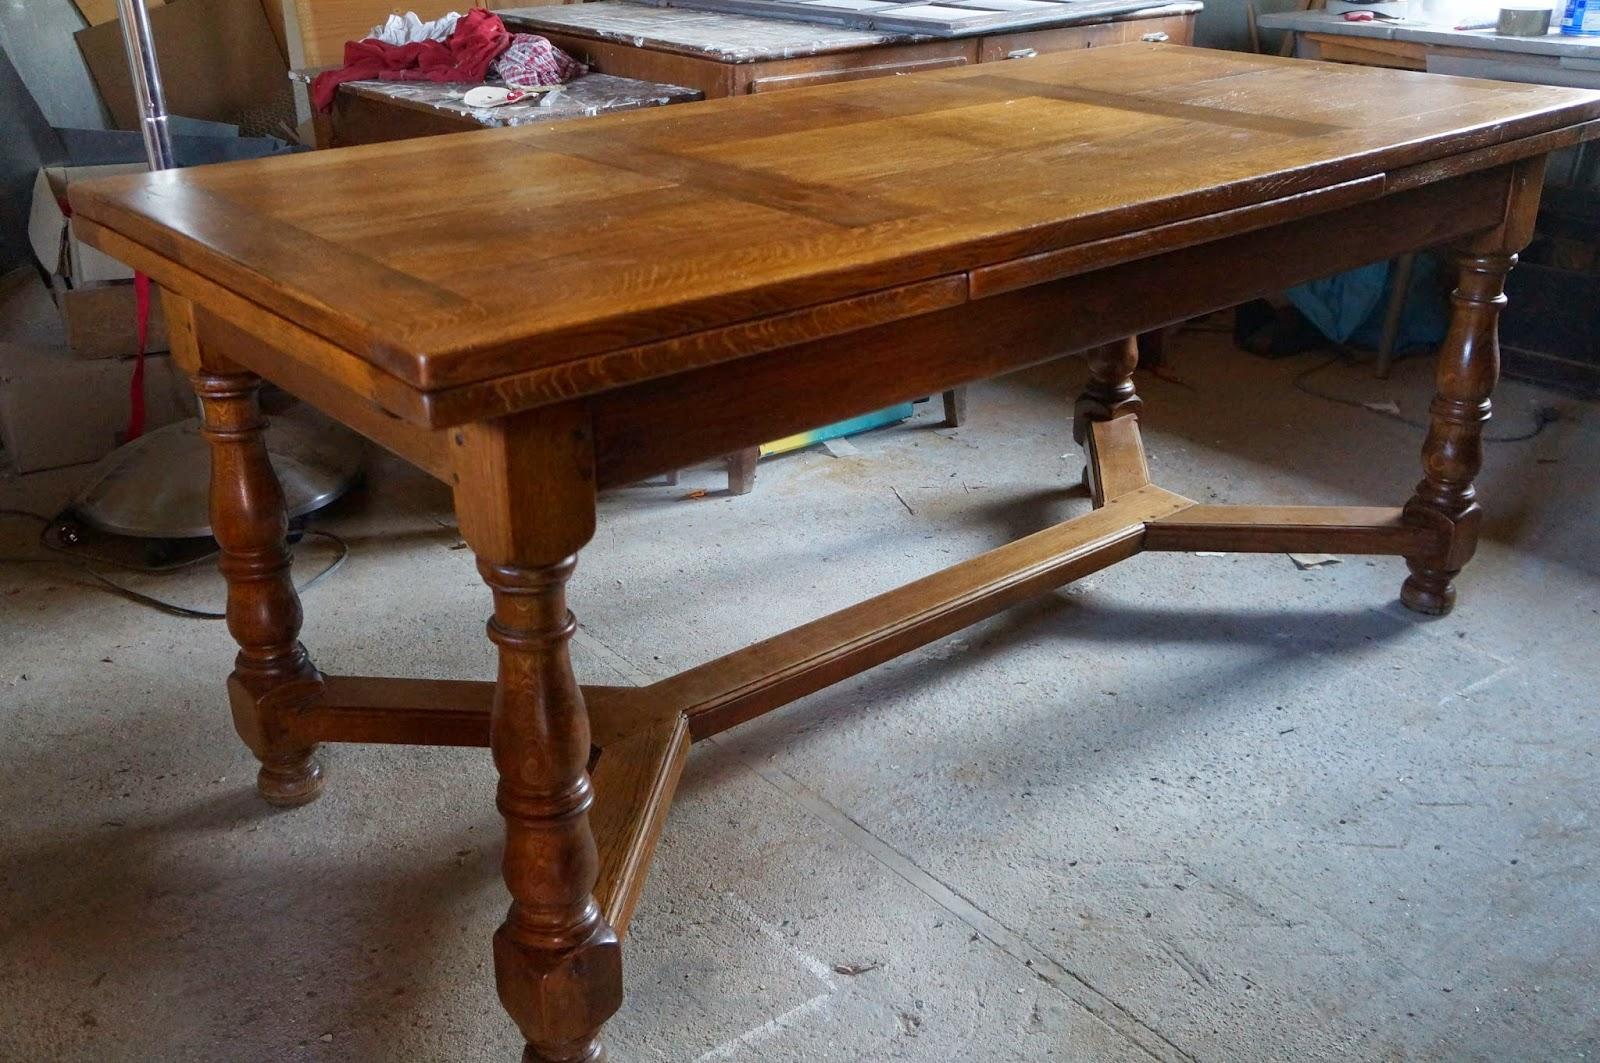 relooking-rénovation-meubles-anciens-brocante-Nord-urlu-et-berlu